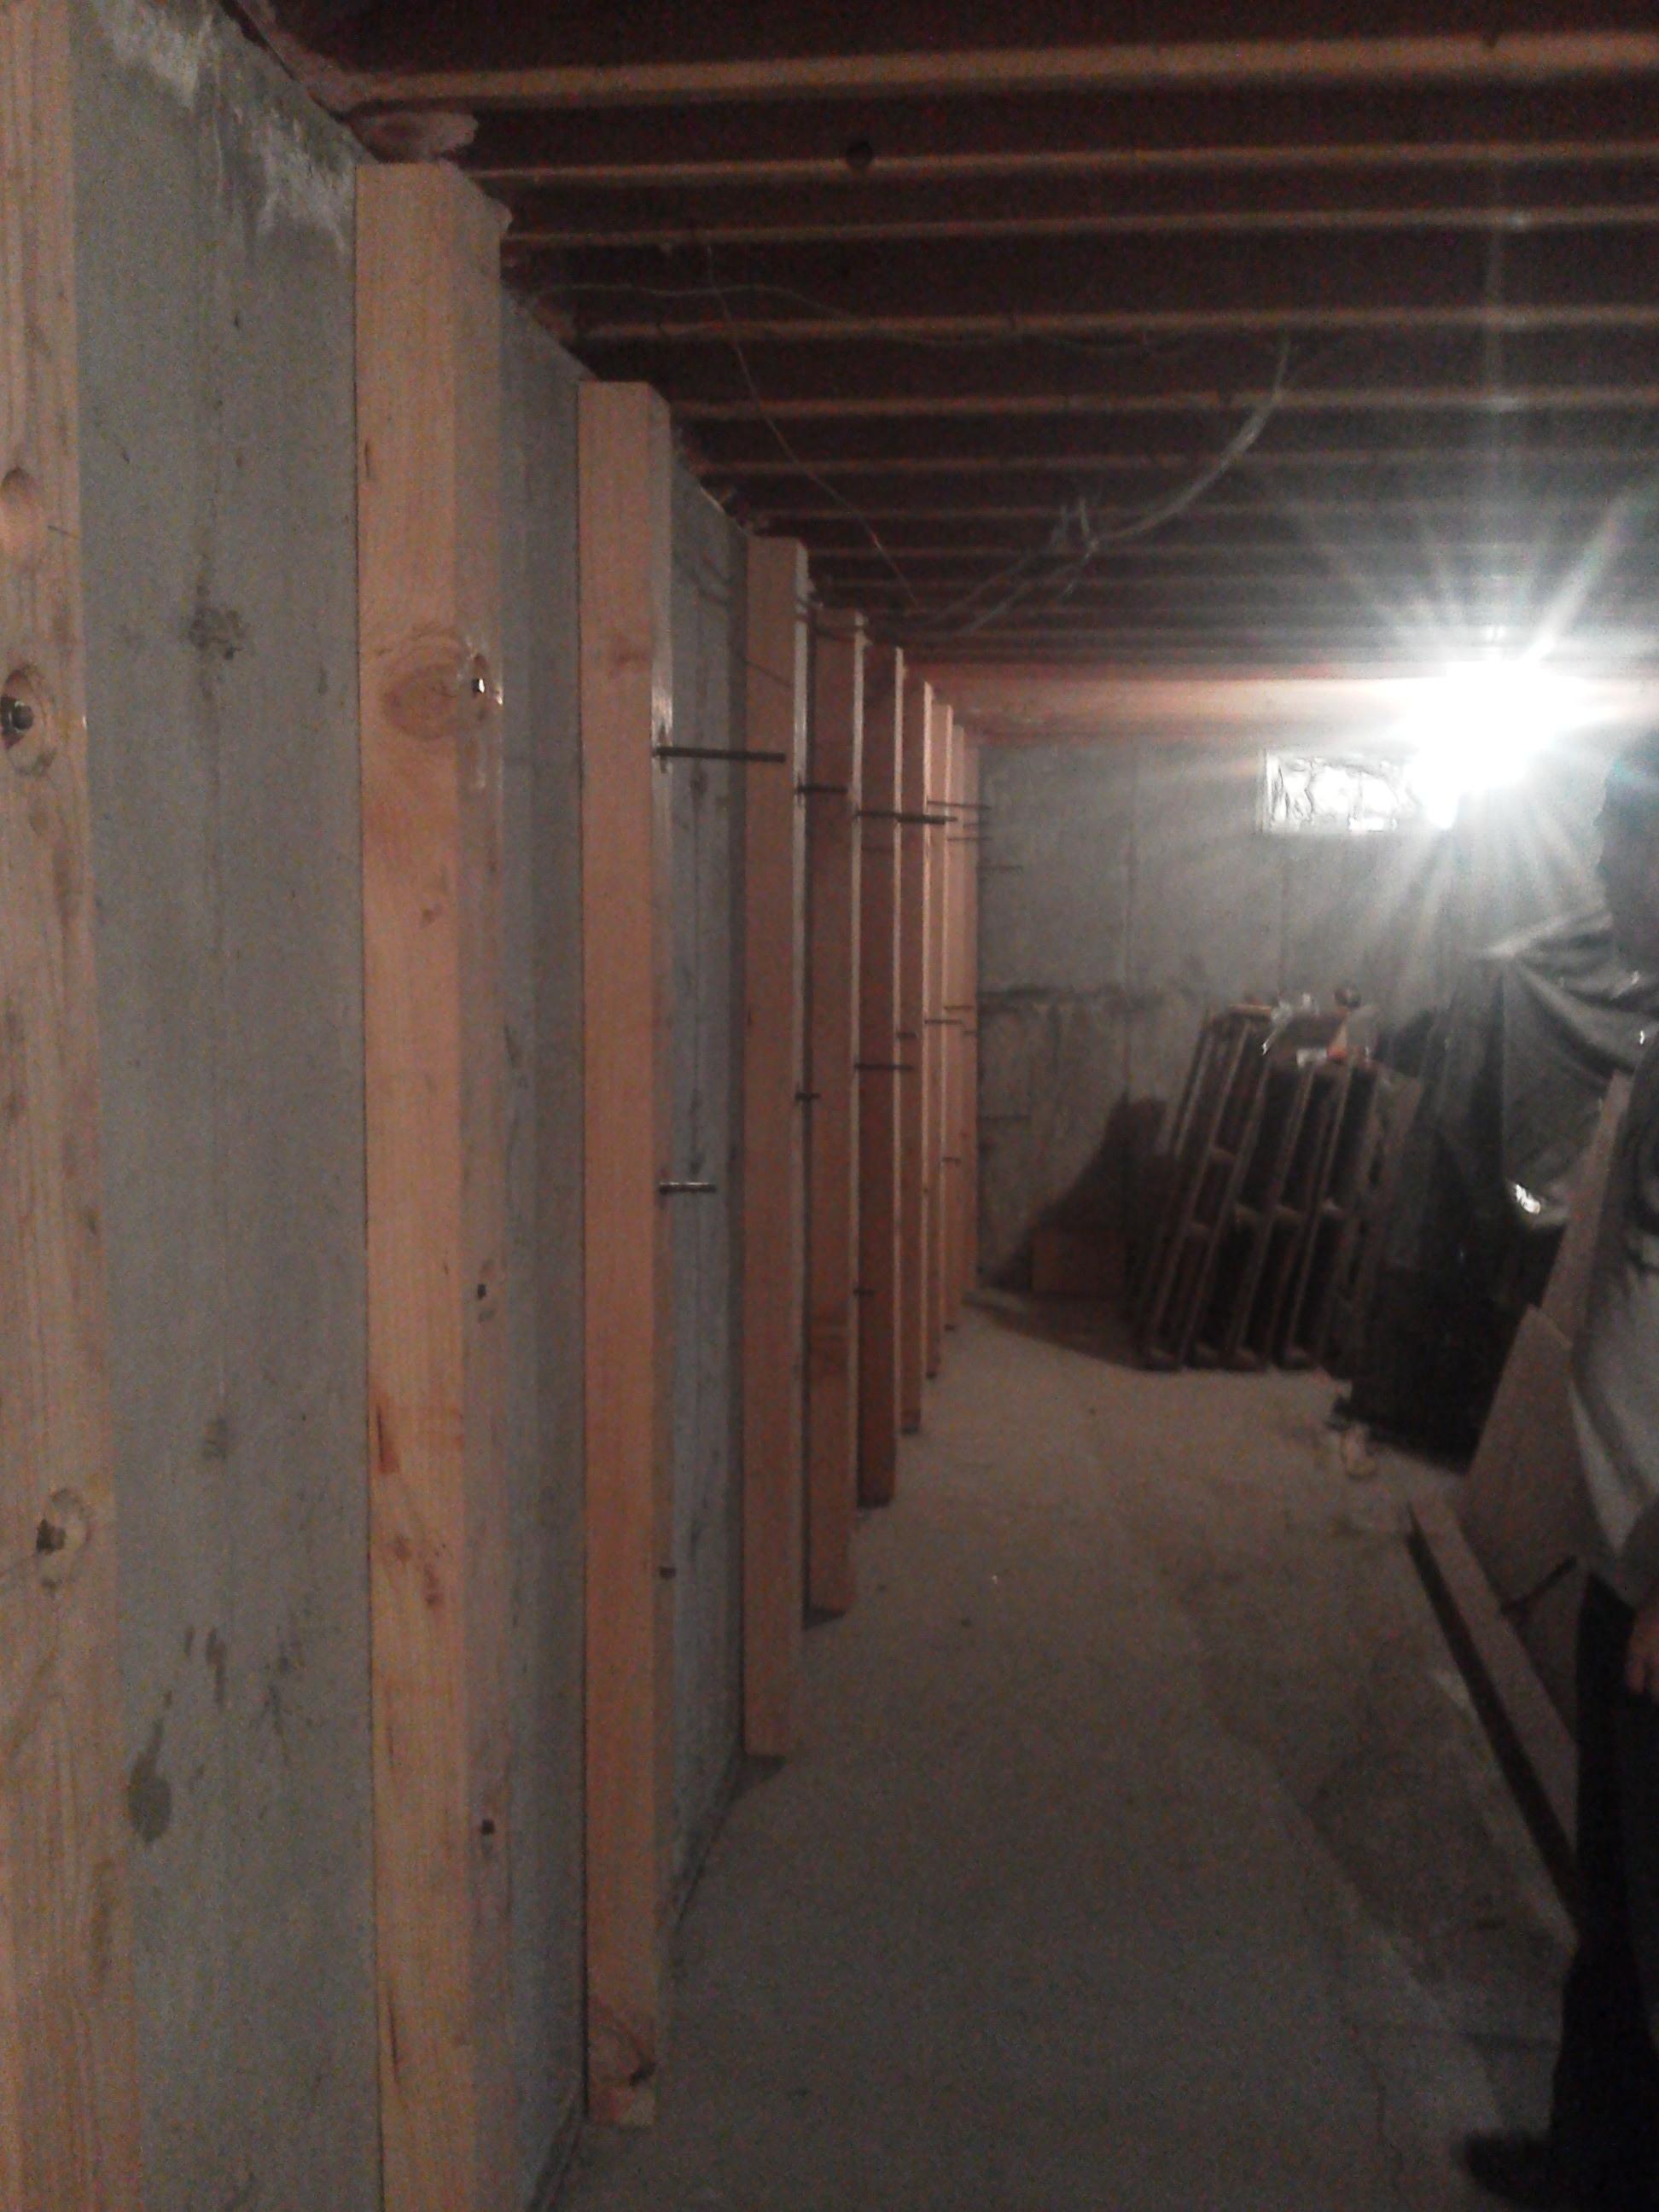 WALL PULLS: Straitening exterior foundation walls